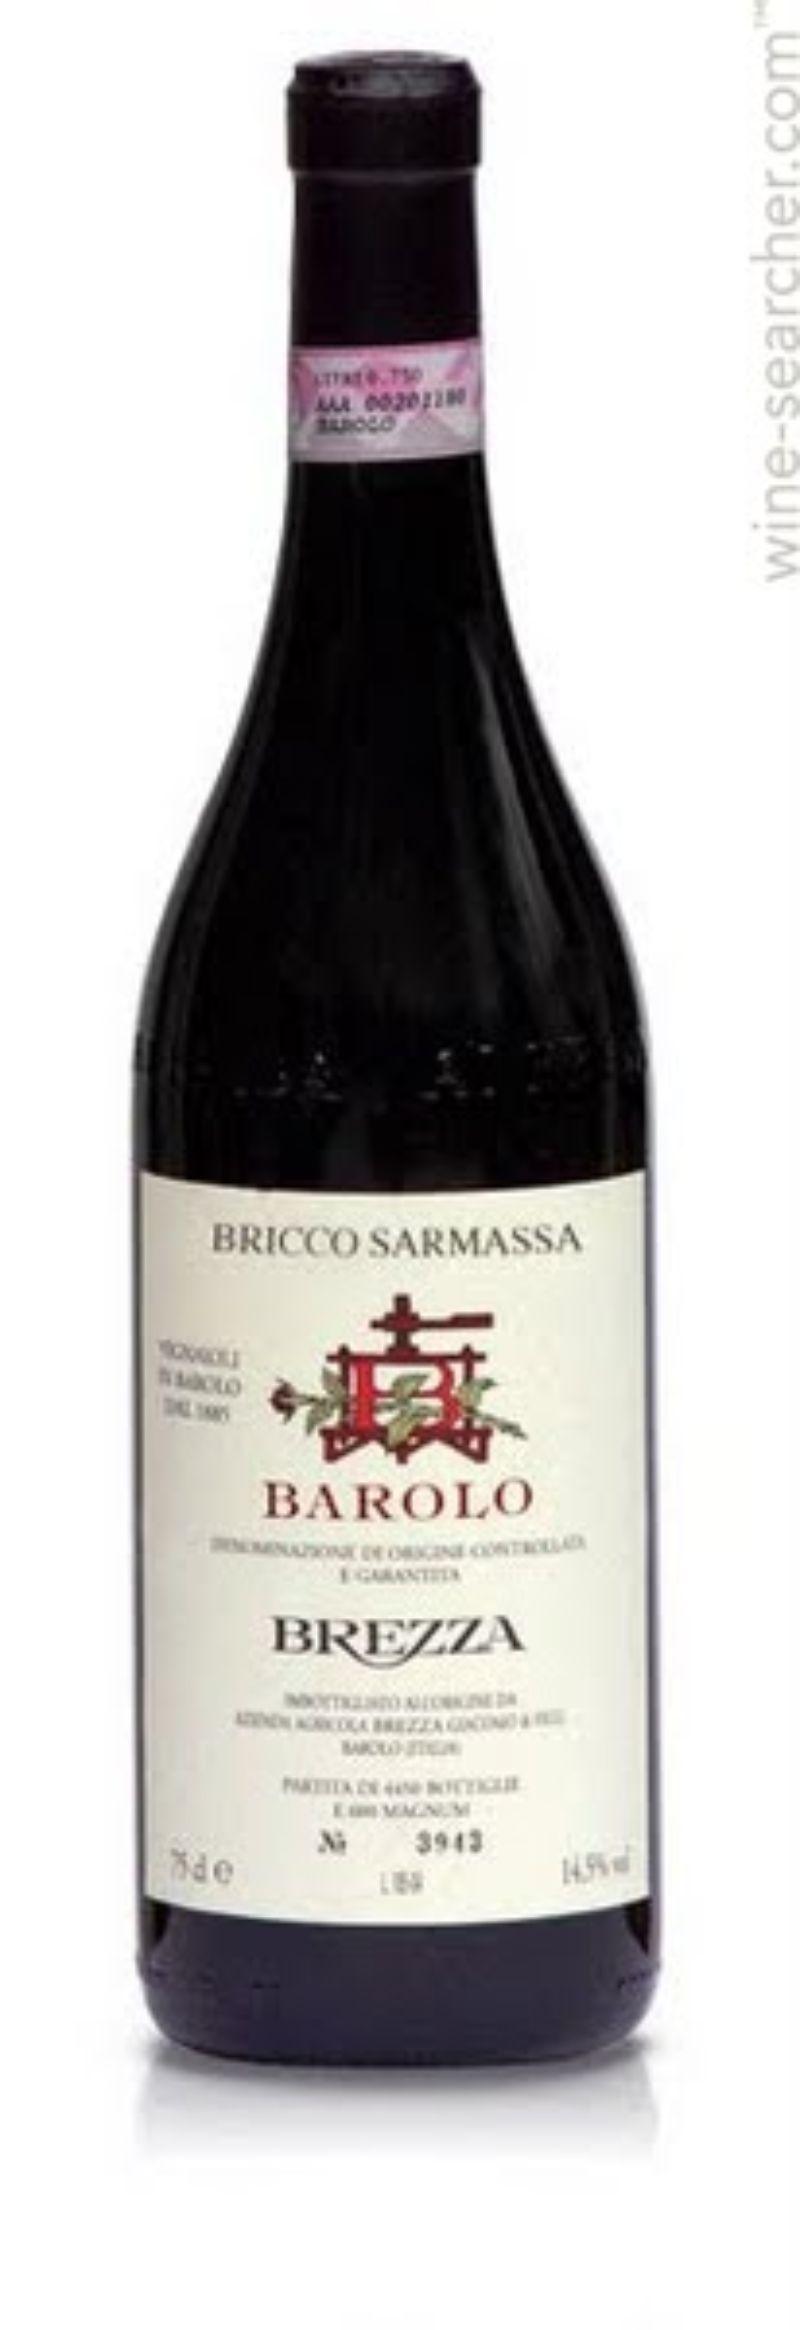 BAROLO-BRICCO-SARMASSA-BREZZA-2007-0.75